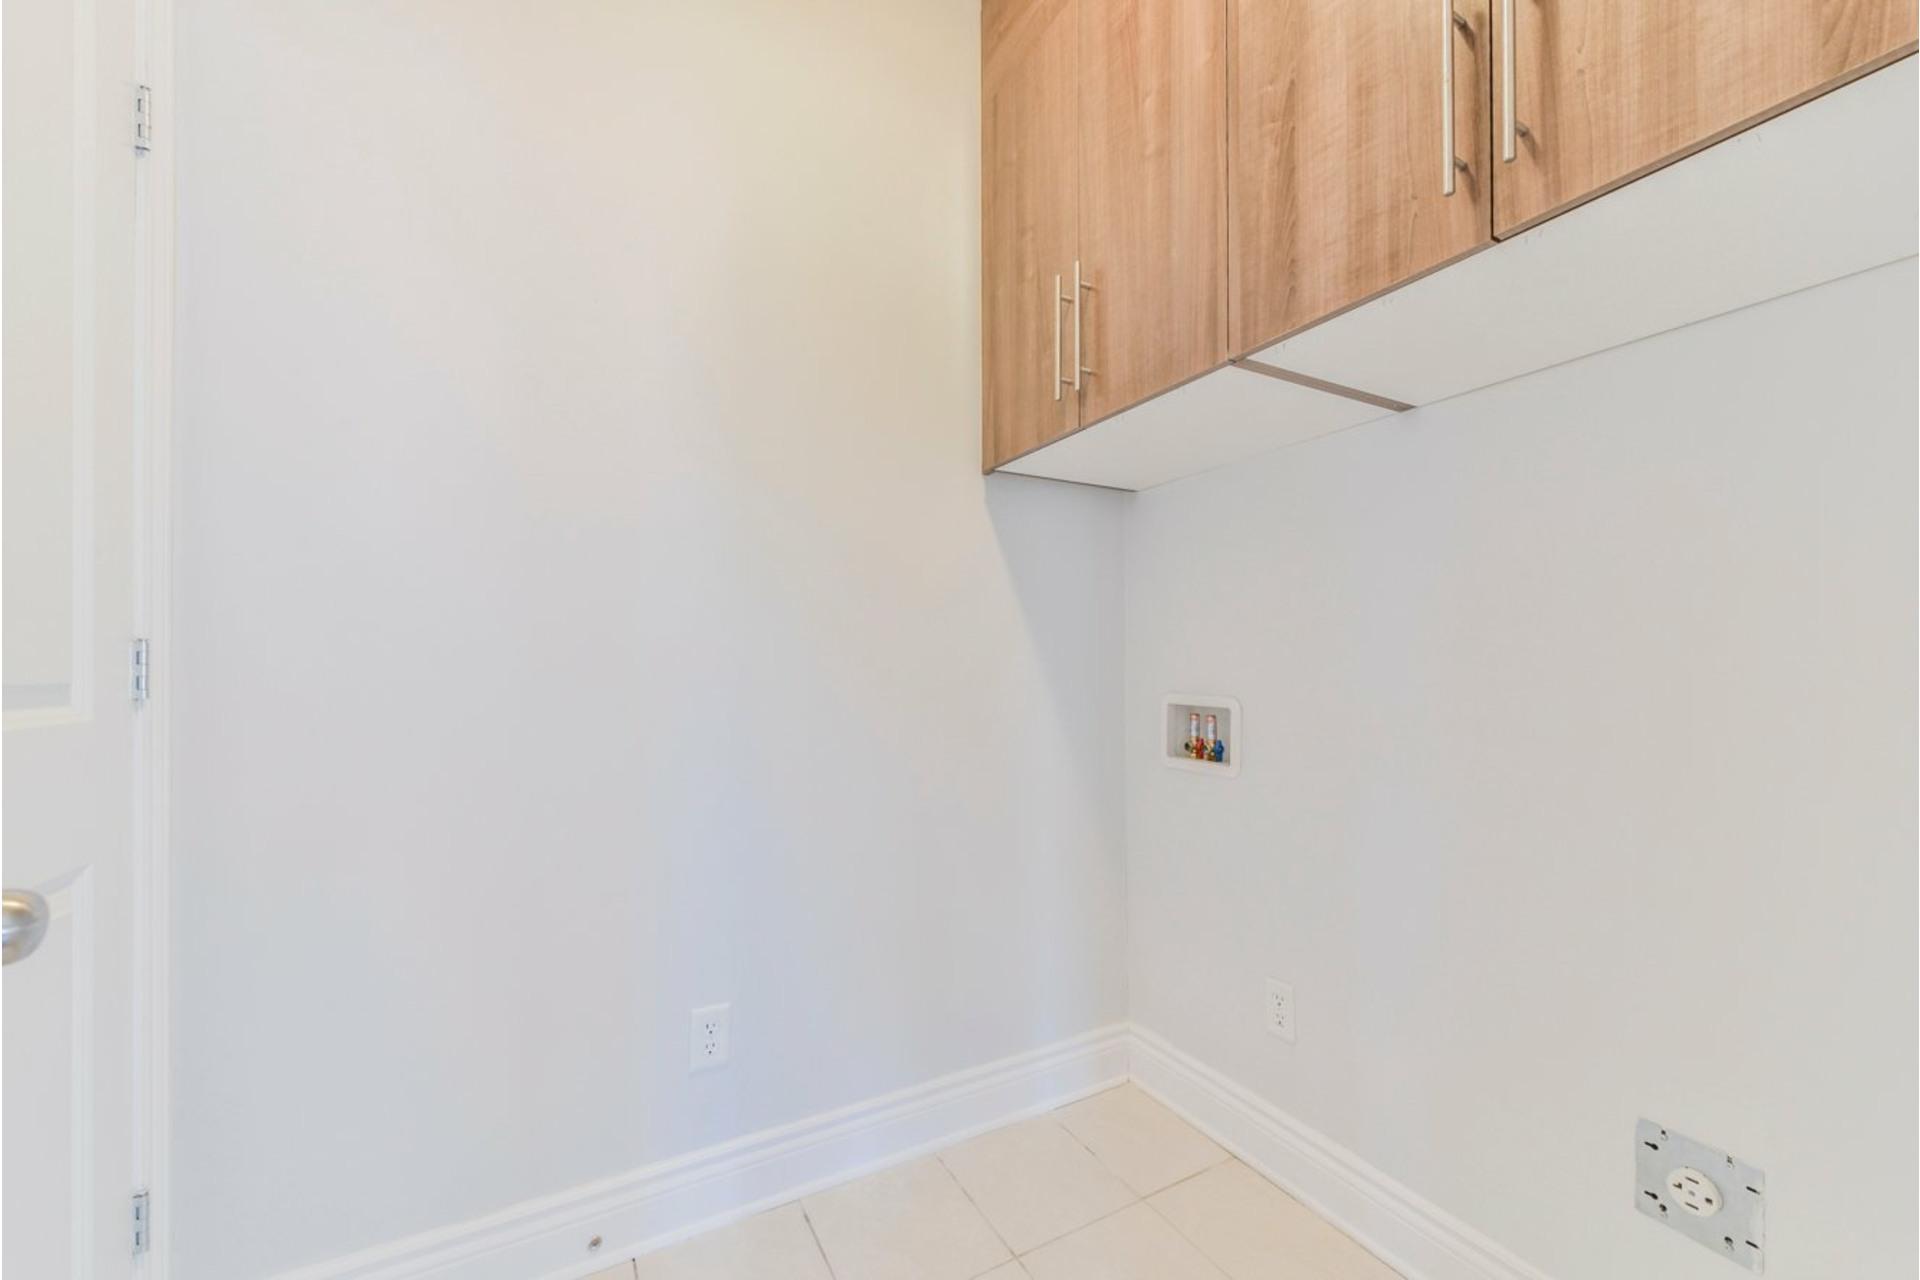 image 13 - Appartement À vendre Brossard - 7 pièces